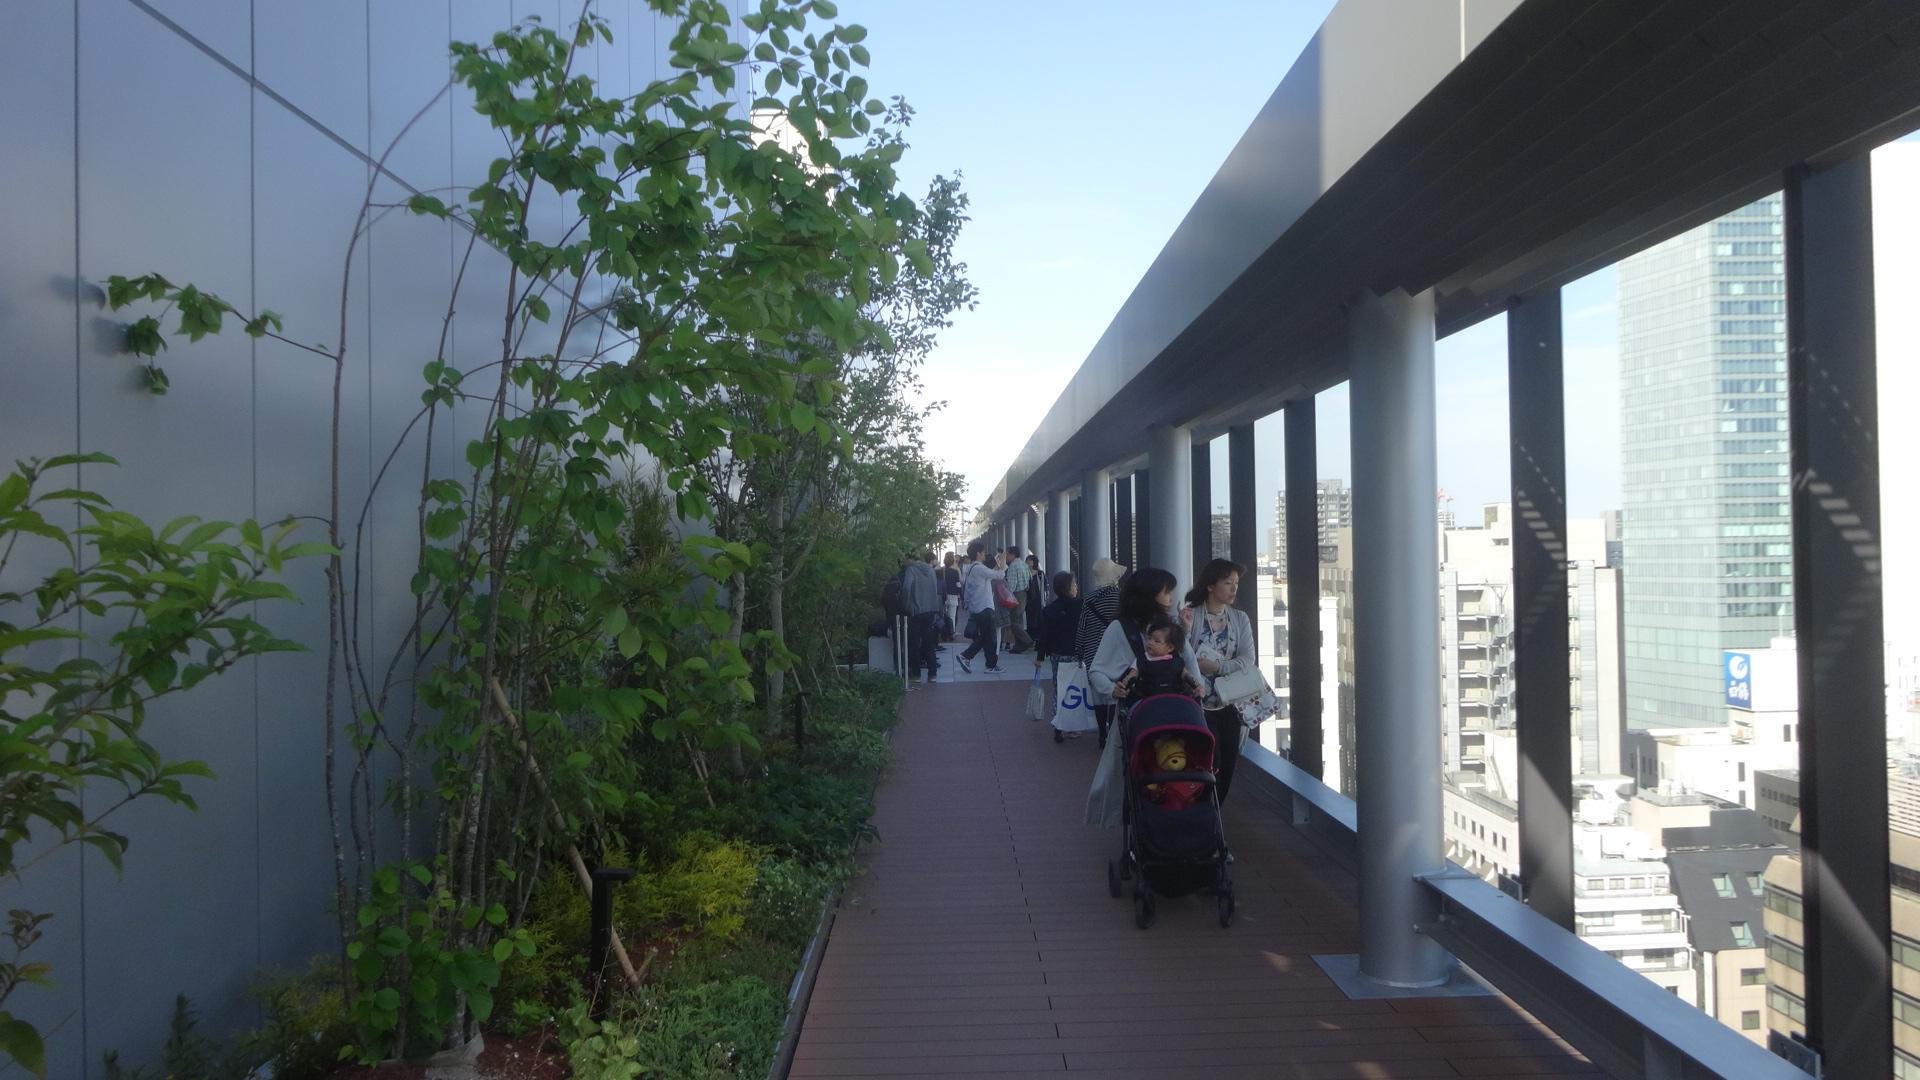 回廊状の通路